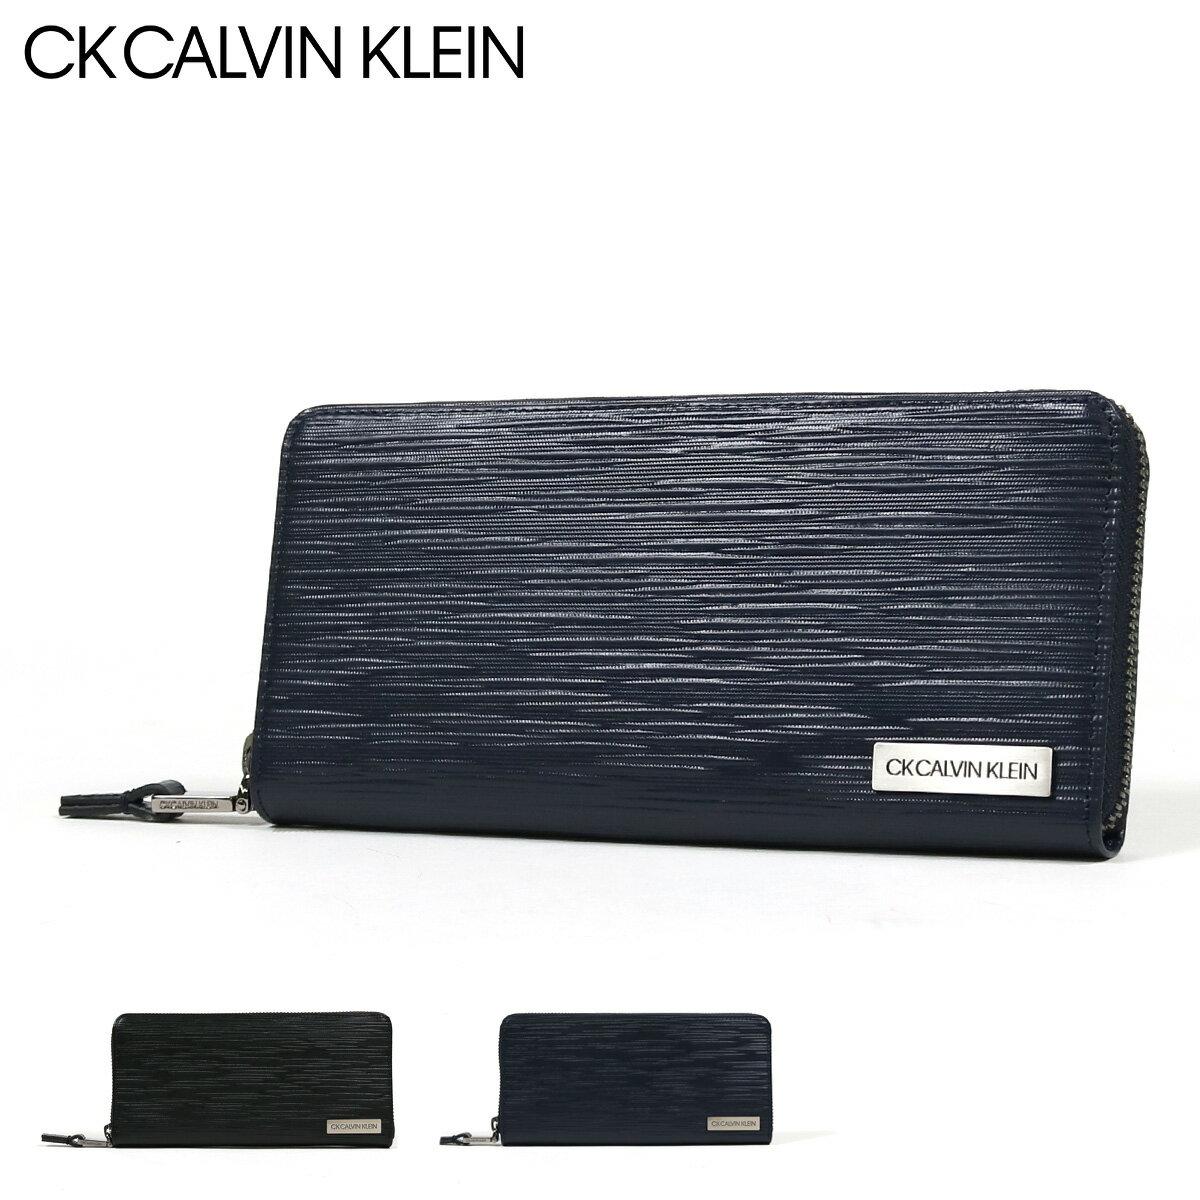 シーケー カルバンクライン 長財布 ラウンドファスナー タットII メンズ 808617 CK CALVIN KLEIN | 本革 レザー ブランド専用BOX付き[bef][即日発送][PO5]